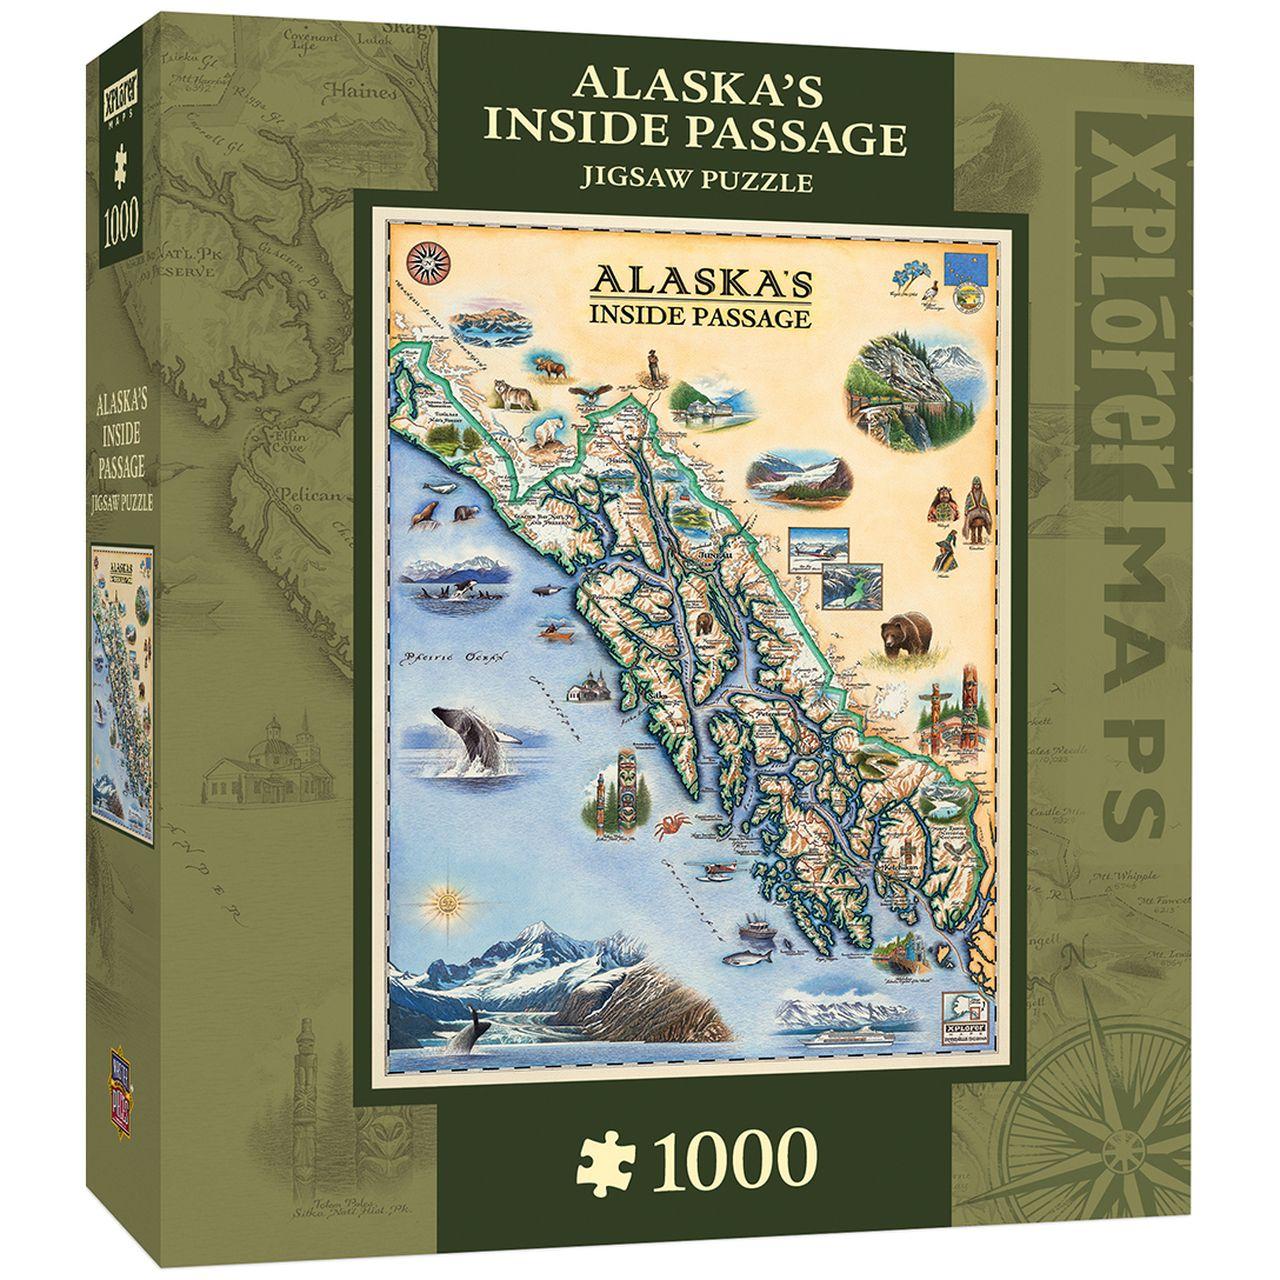 Xplorer Alaska Inside Passage Map 1000 Piece Jigsaw Puzzle In 2020 Jigsaw Puzzles 1000 Piece Jigsaw Puzzles Puzzle Frame